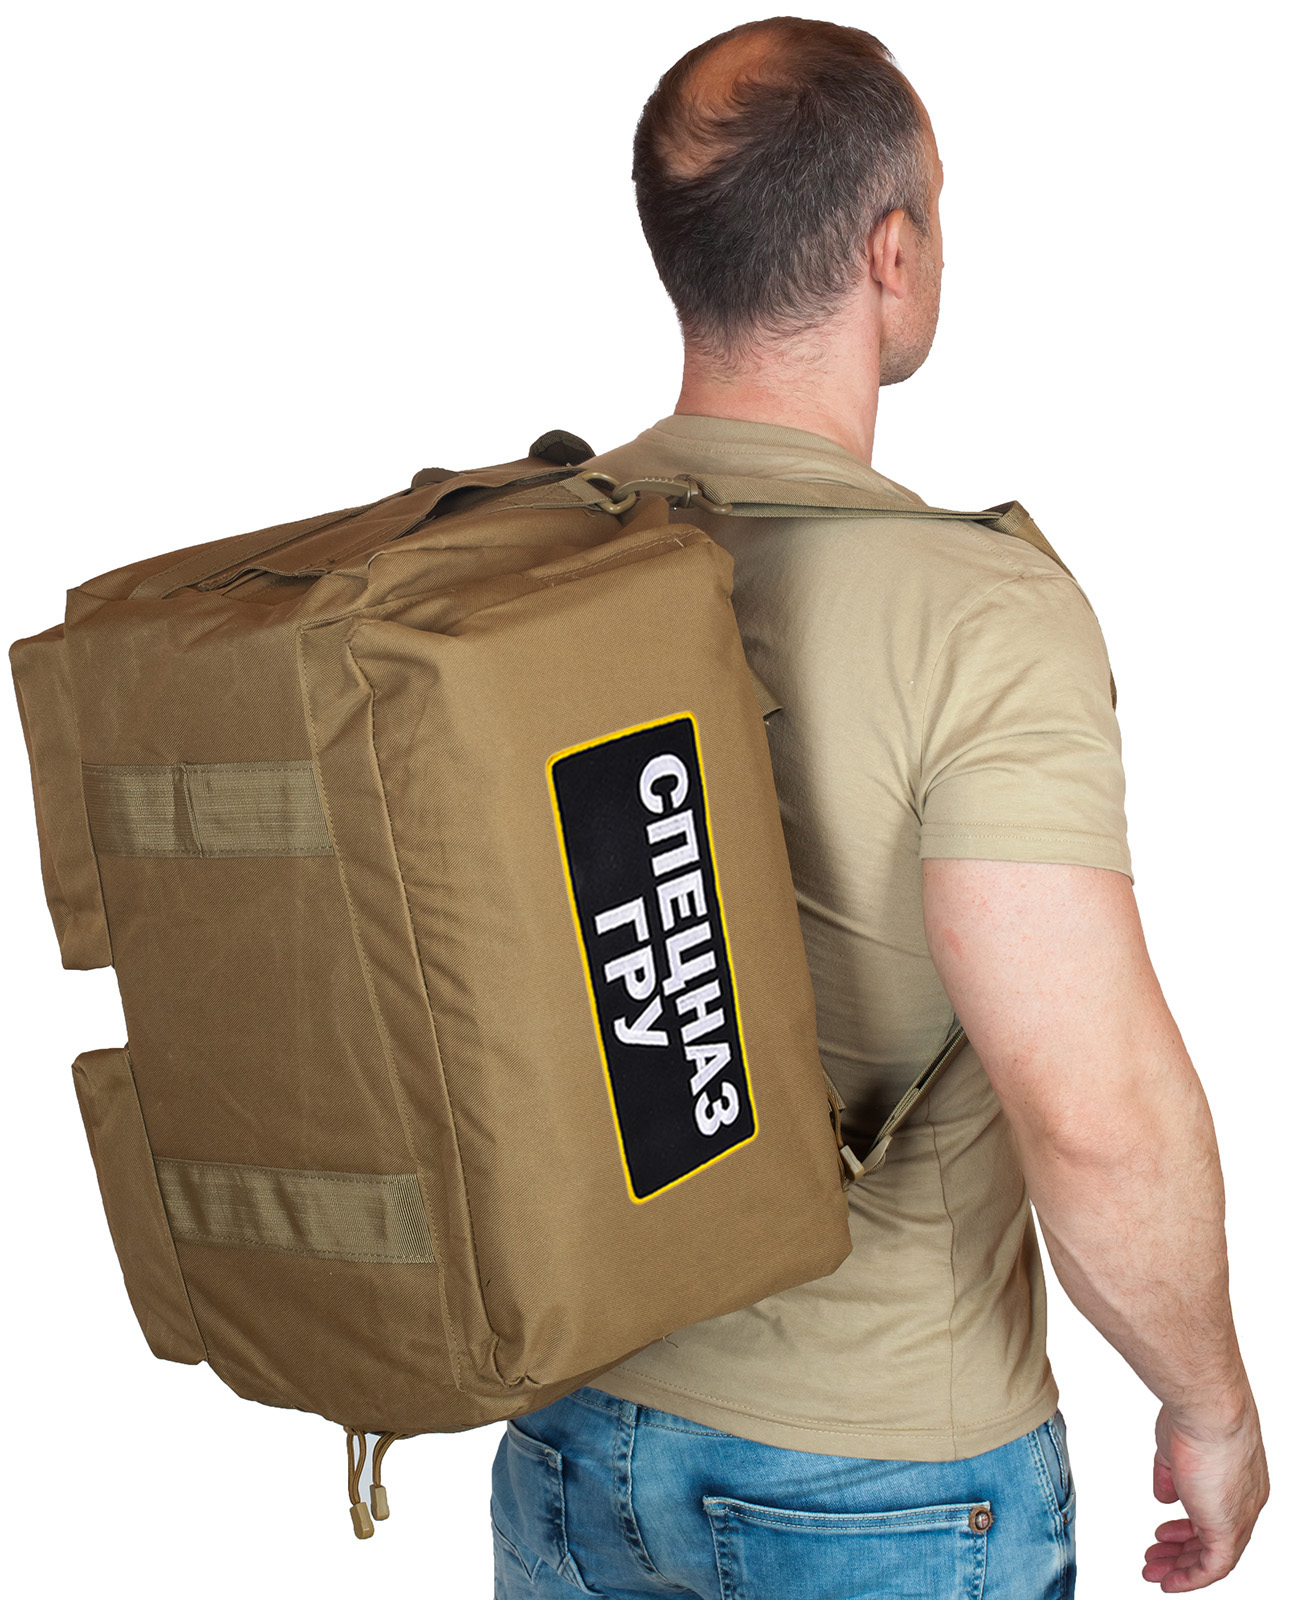 Купить армейскую сумку-рюкзак в Москве